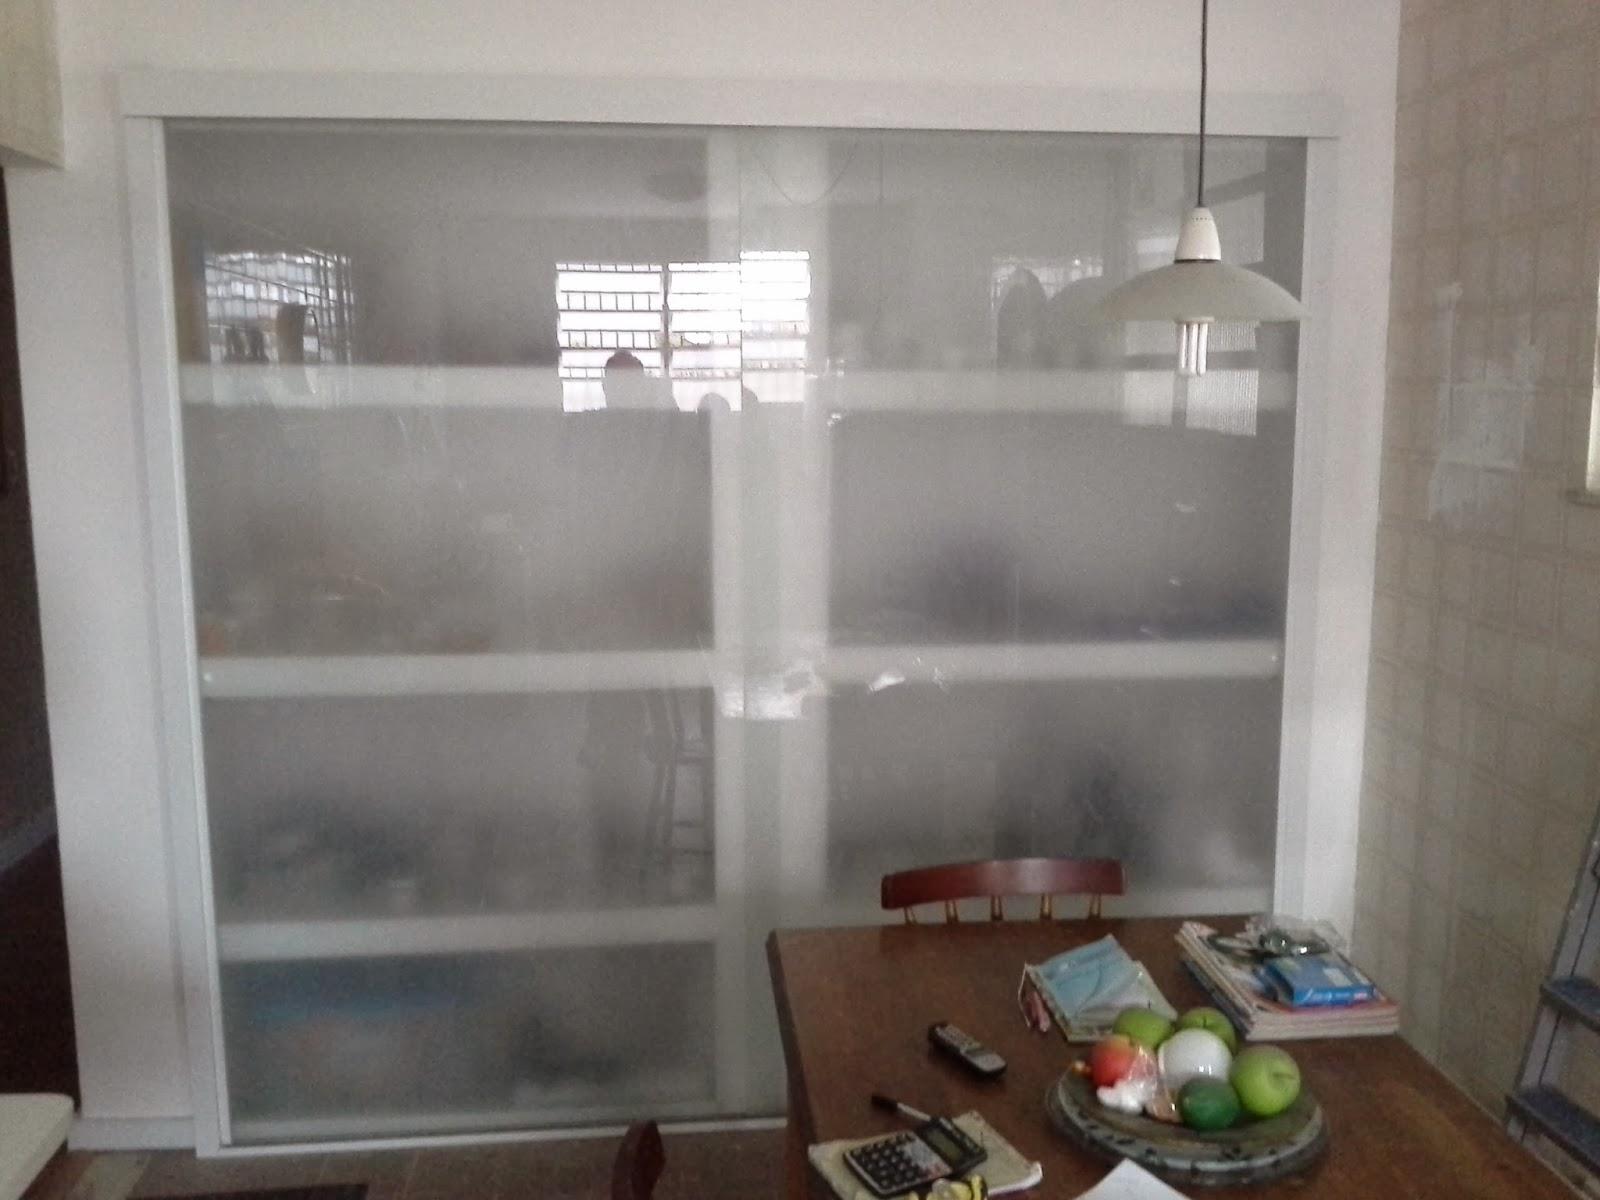 Categoria Armario De Cozinha Armario De Cozinha Planejada Hd Walls #40342F 1600 1200